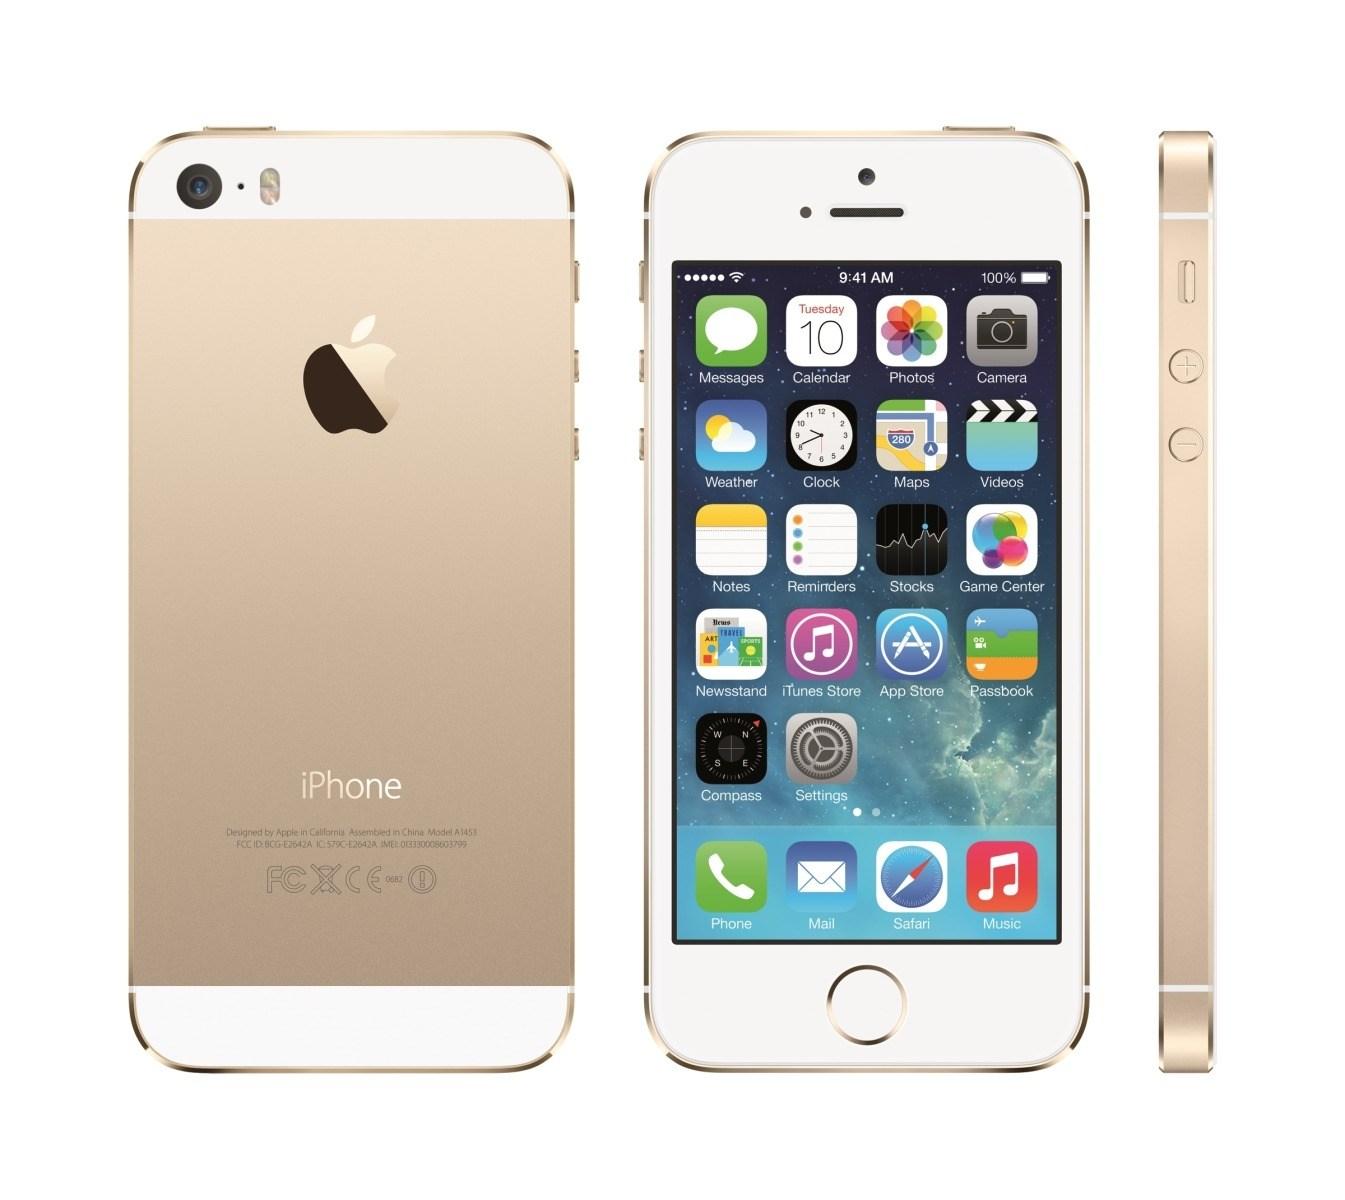 80f75d4817 Apple iPhone 5S in Gold Zuerst war offenbar die goldene Variante  vergriffen, inzwischen gilt dies aber auch für die weiße und die graue  Version.